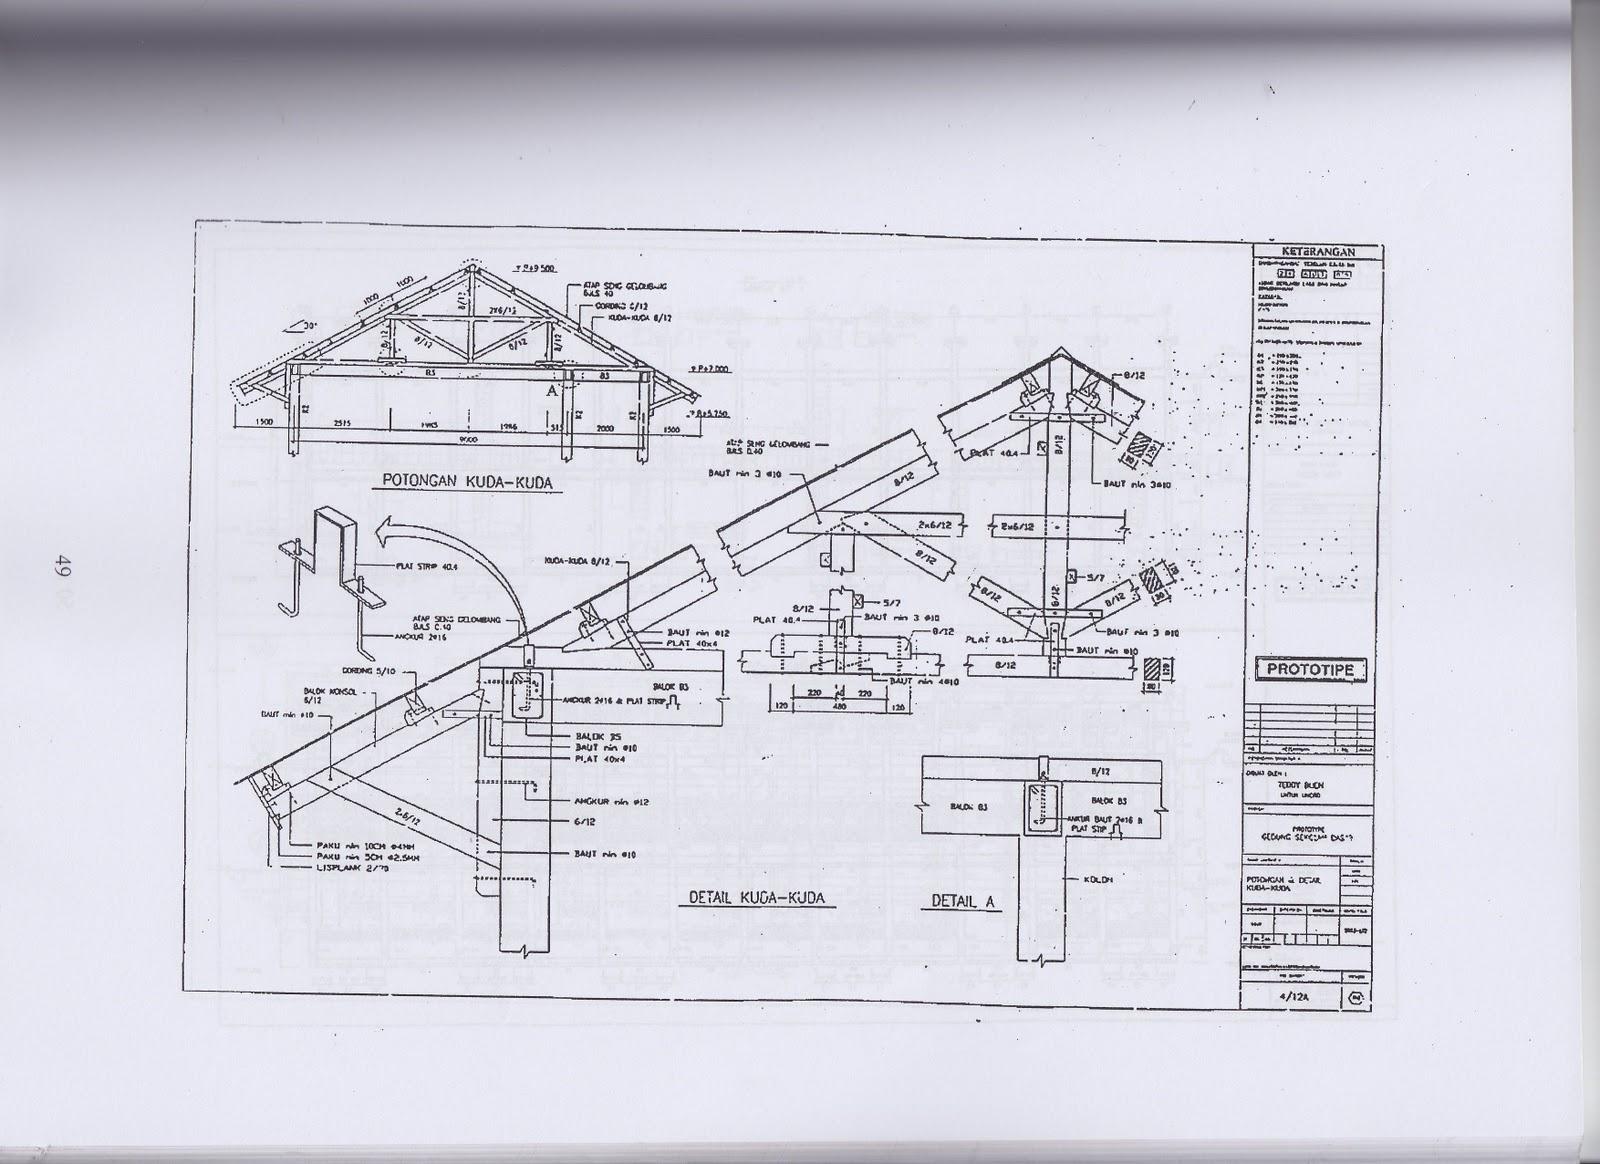 Gambar arsitektur rencana konstruksi gedung